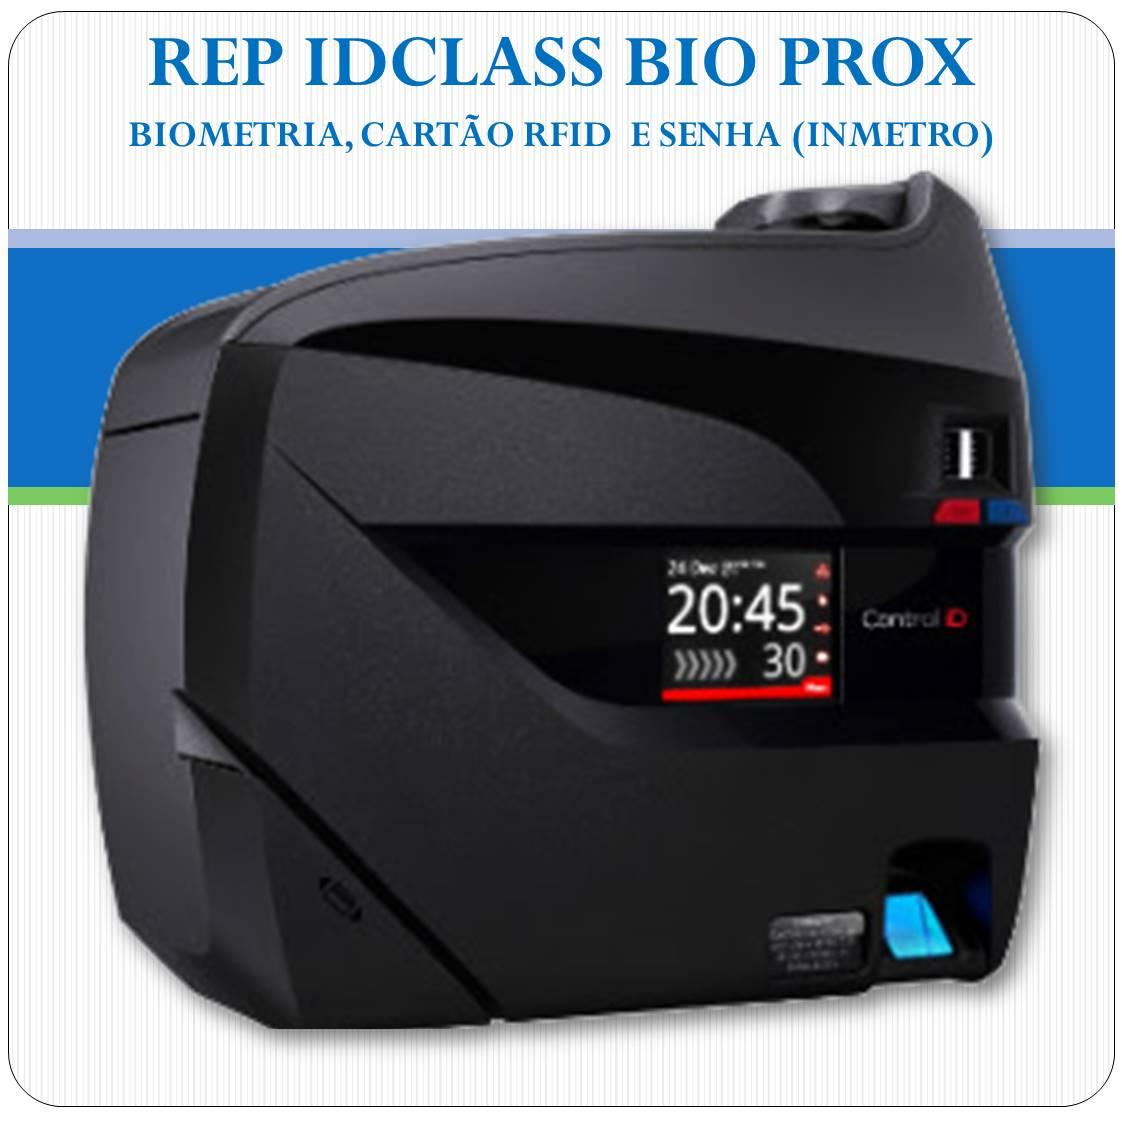 REP iDClass BIO PROX - Biometria, RFID e Senha - Inmetro